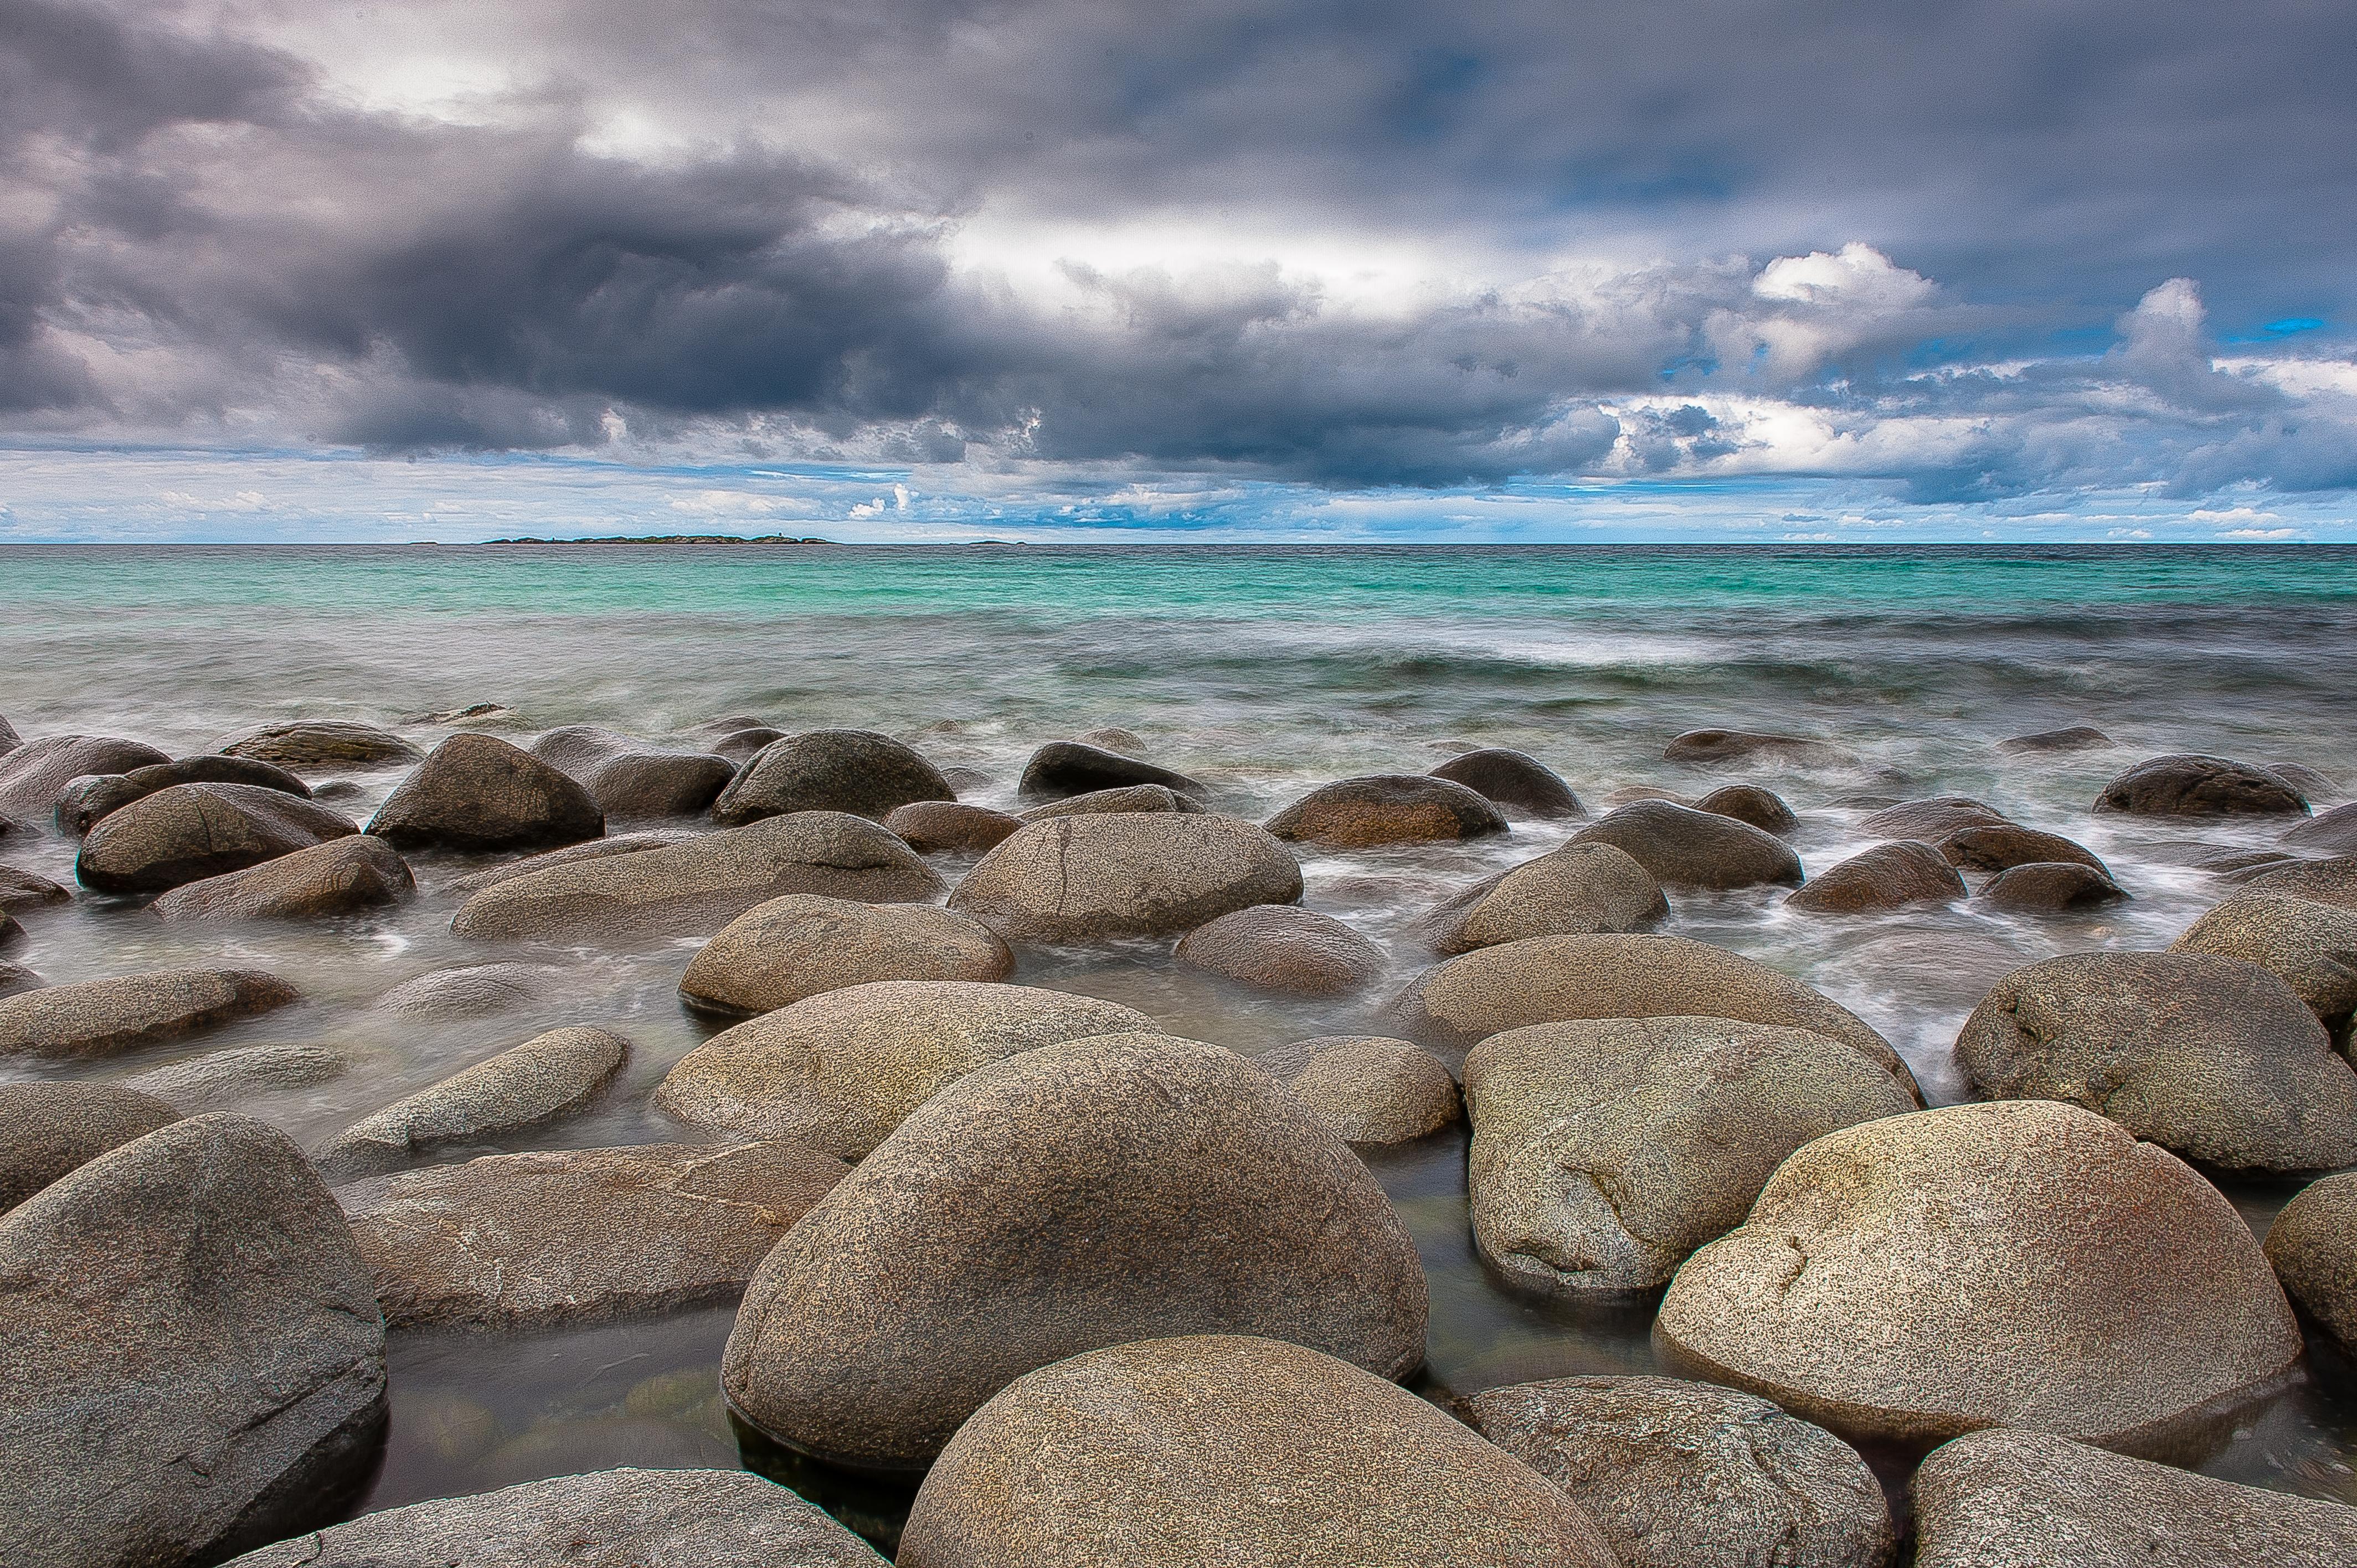 Playa de Norwegian - 4256x2832